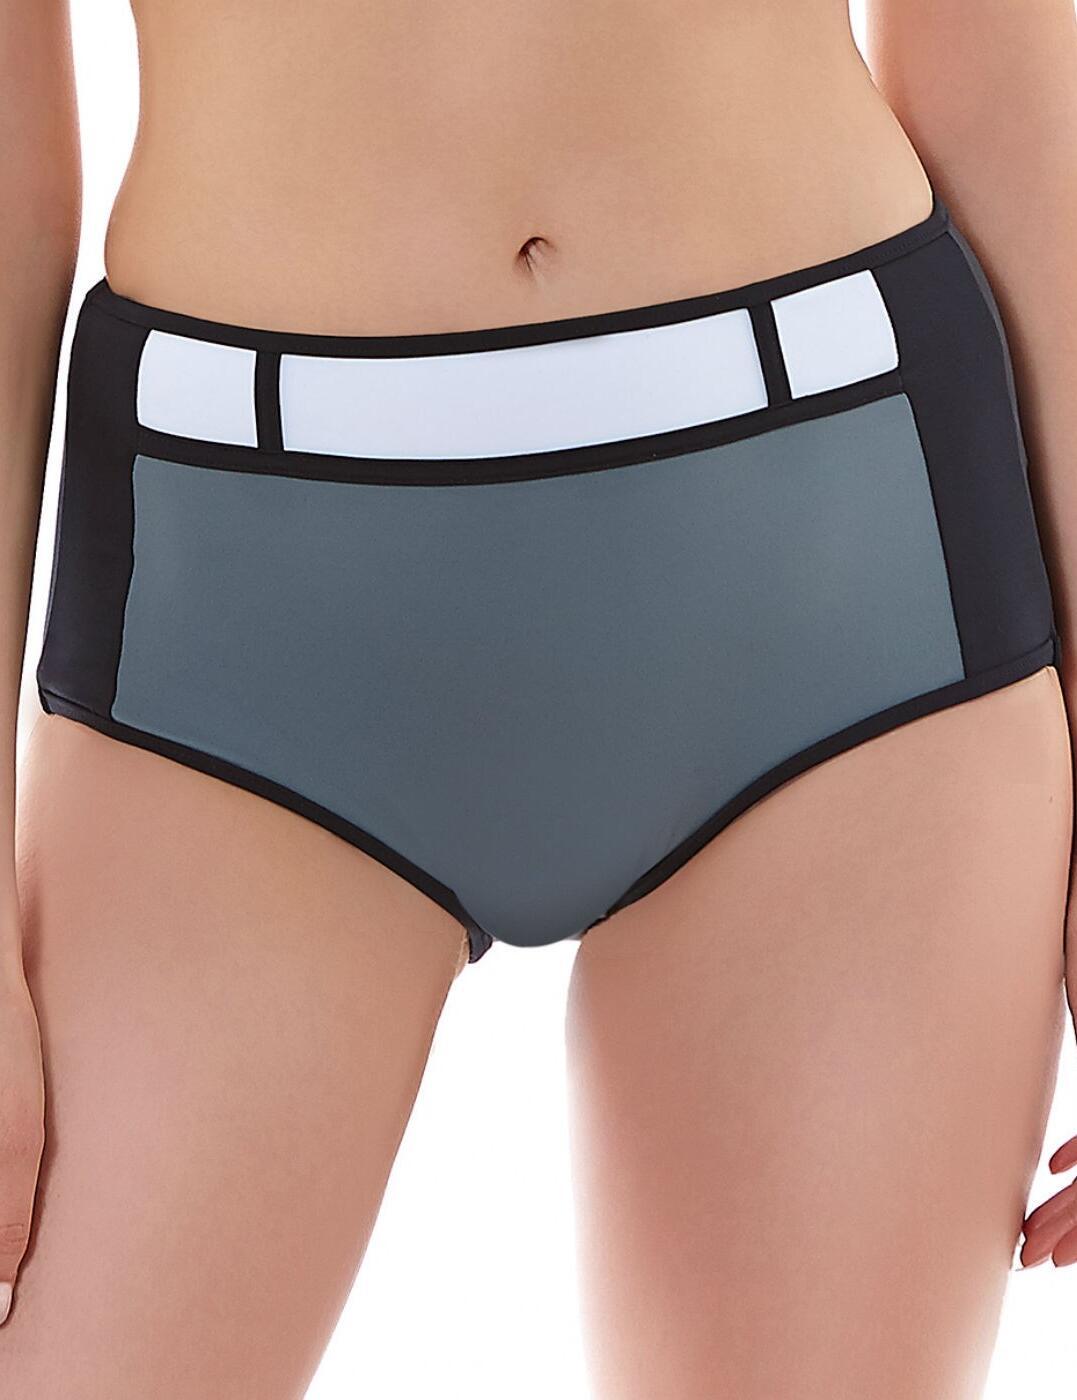 3967 Freya Bondi High Waisted Bikini Brief Black - 3967 High Waist Brief